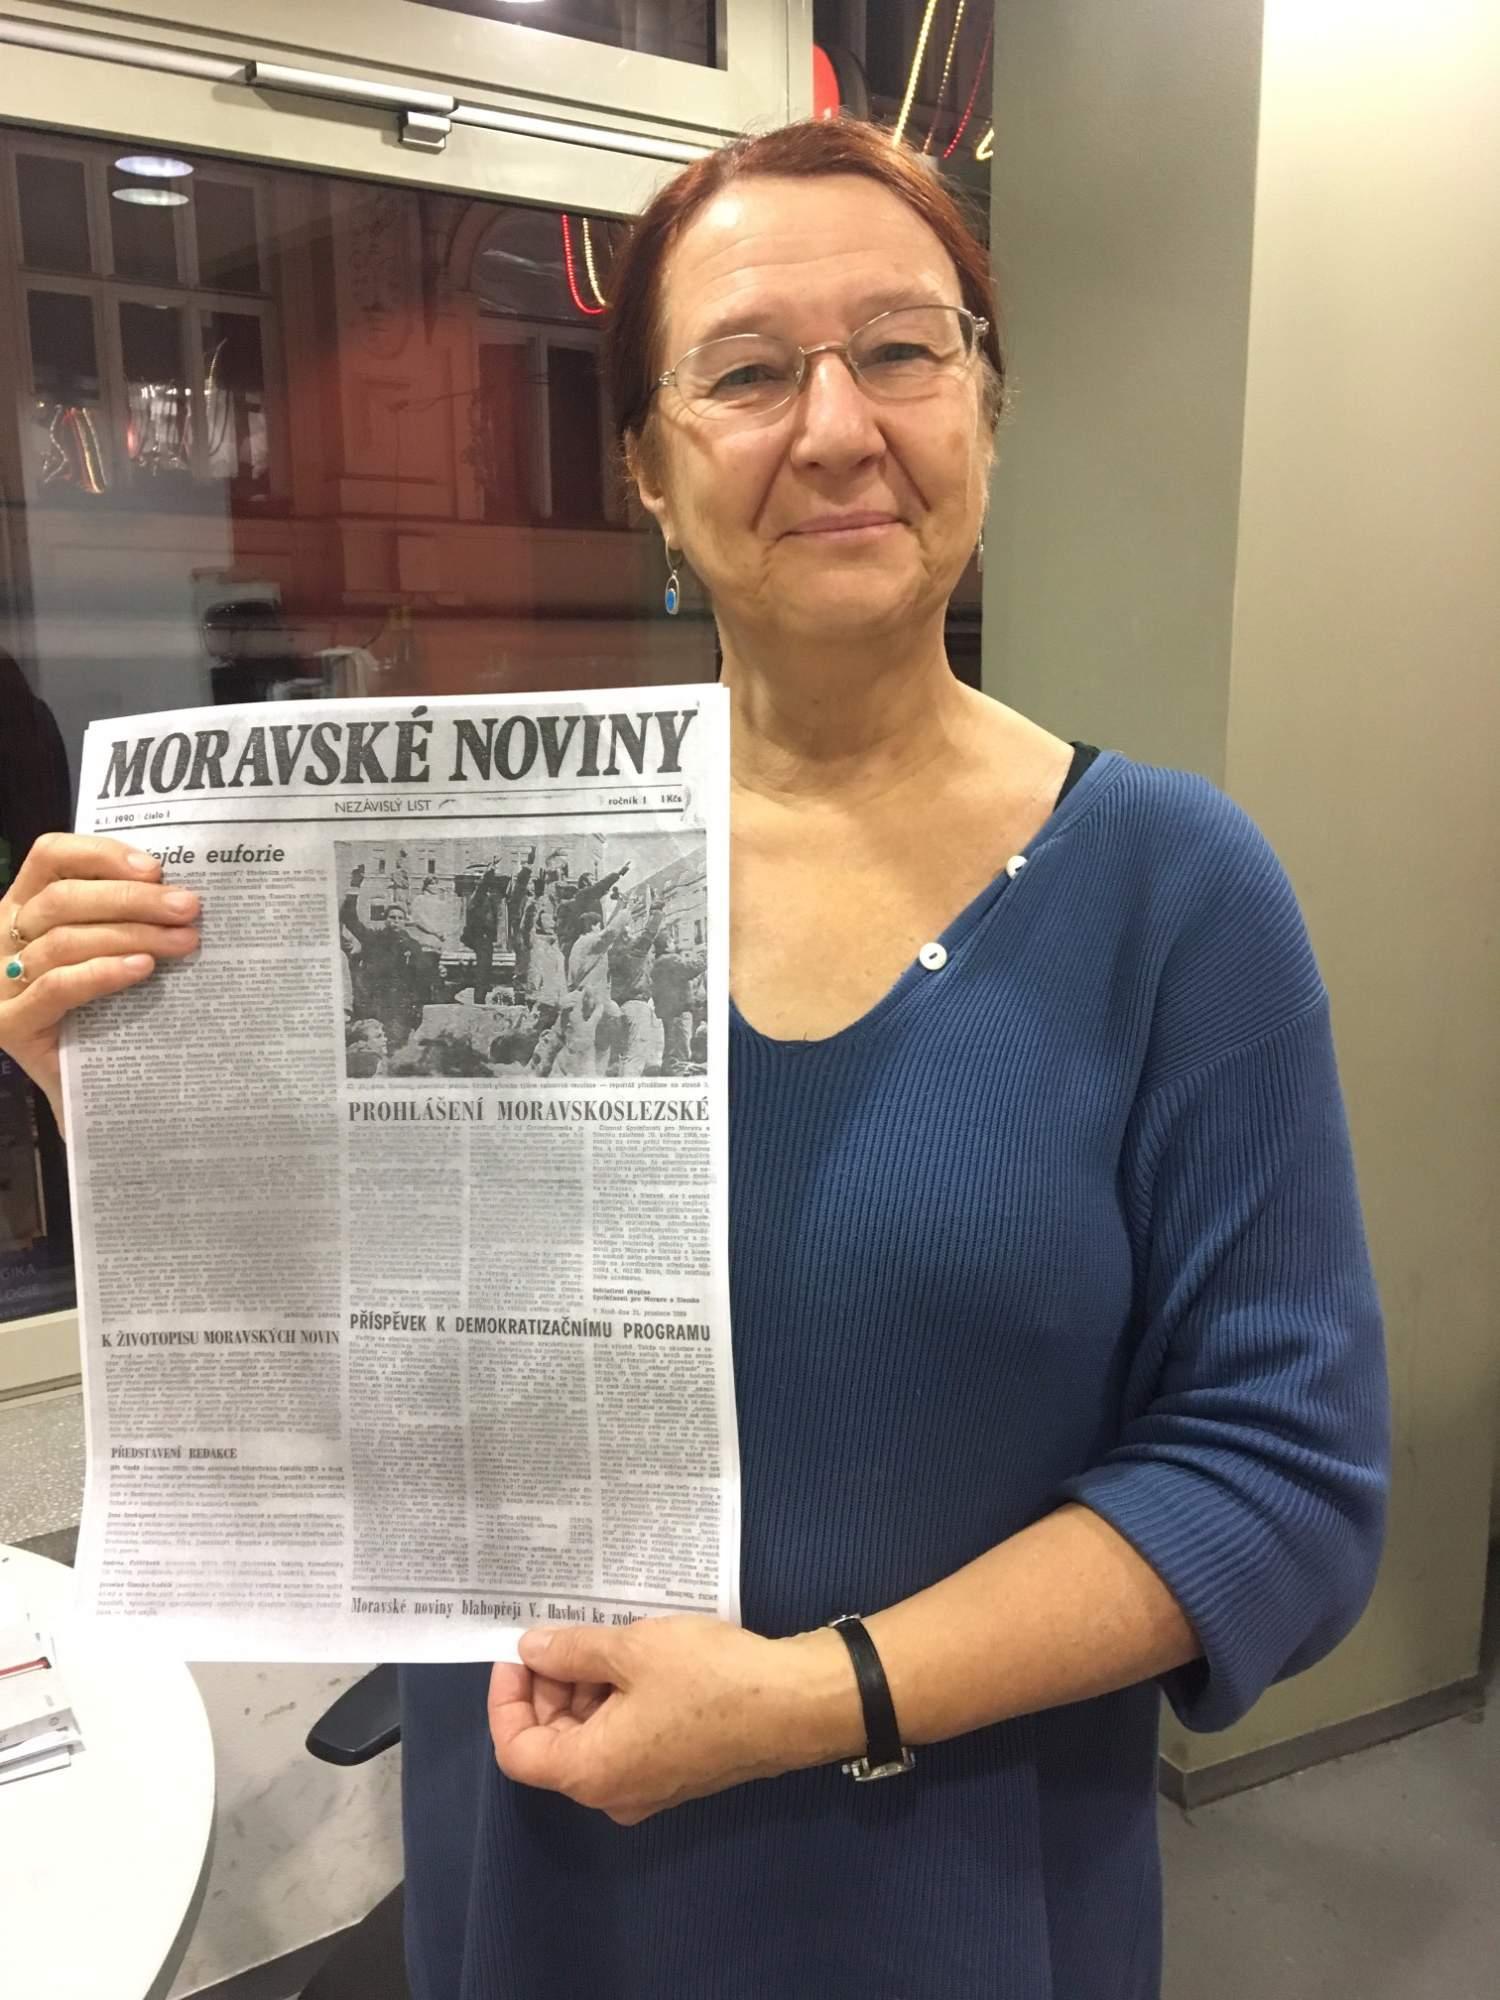 Jana Soukupová s prvním vydáním Moravských novin, věnované Sametové revoluci